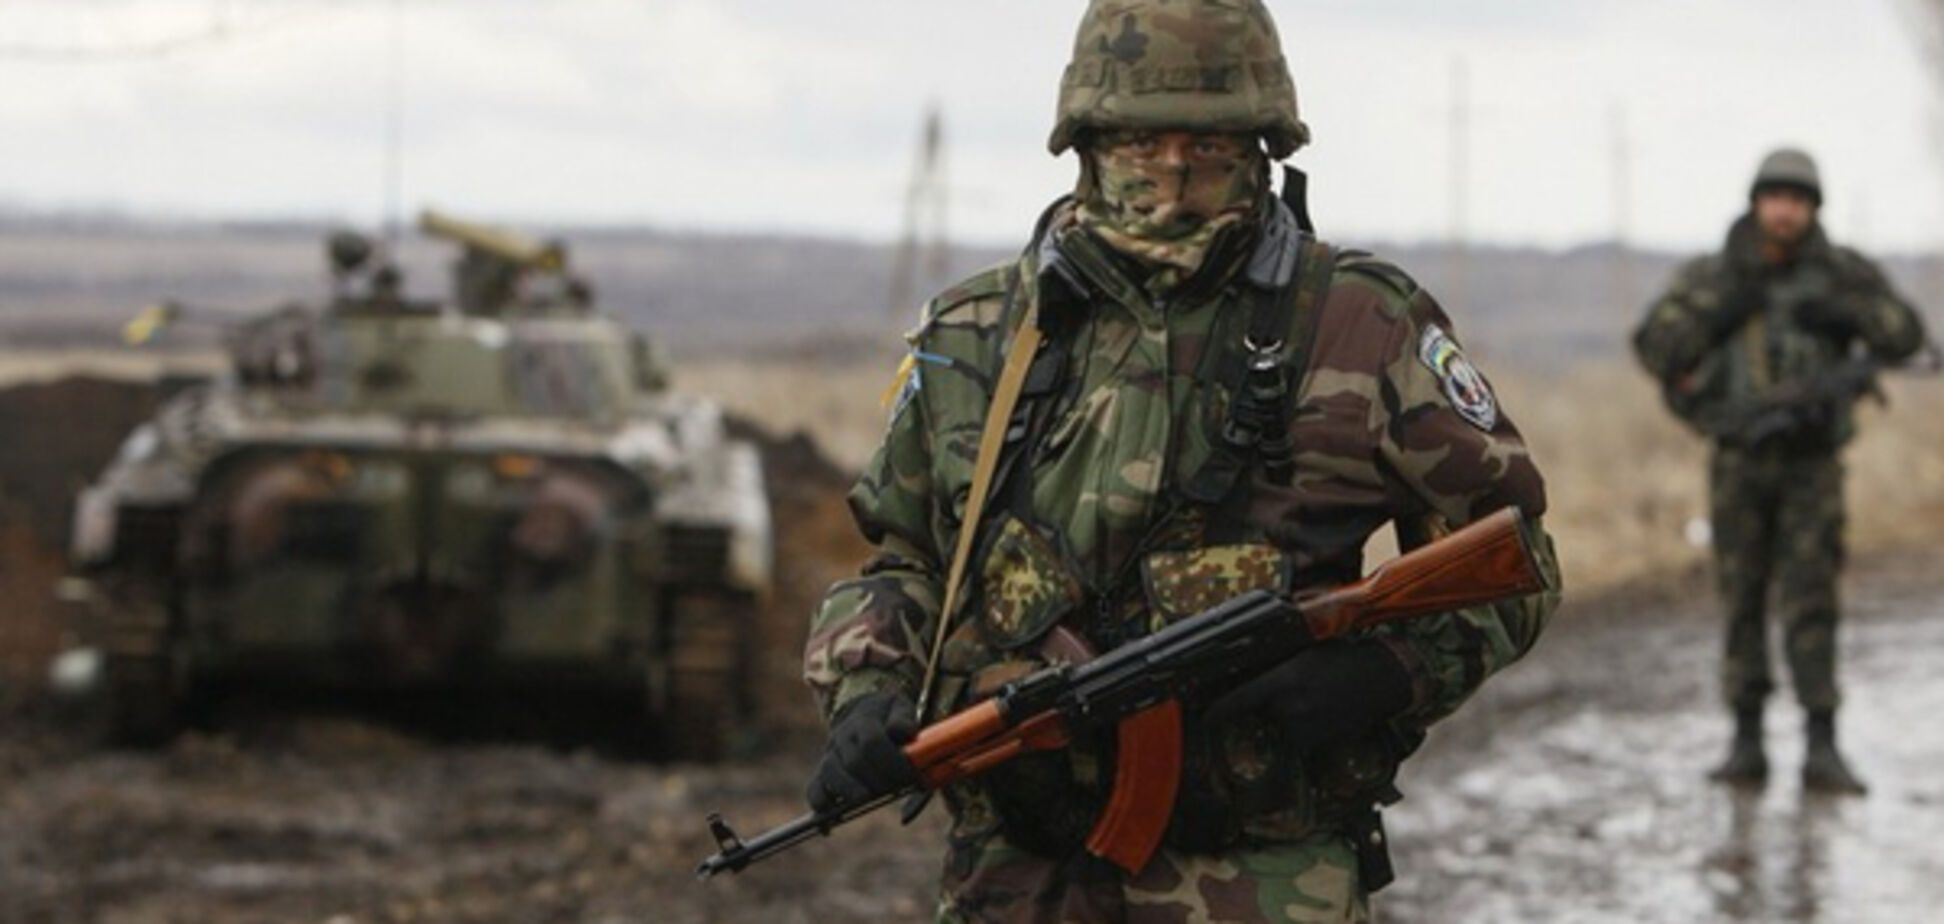 Популізм у Верховній Раді, або Хто посилає солдатів на ризик, той за них і відповідає